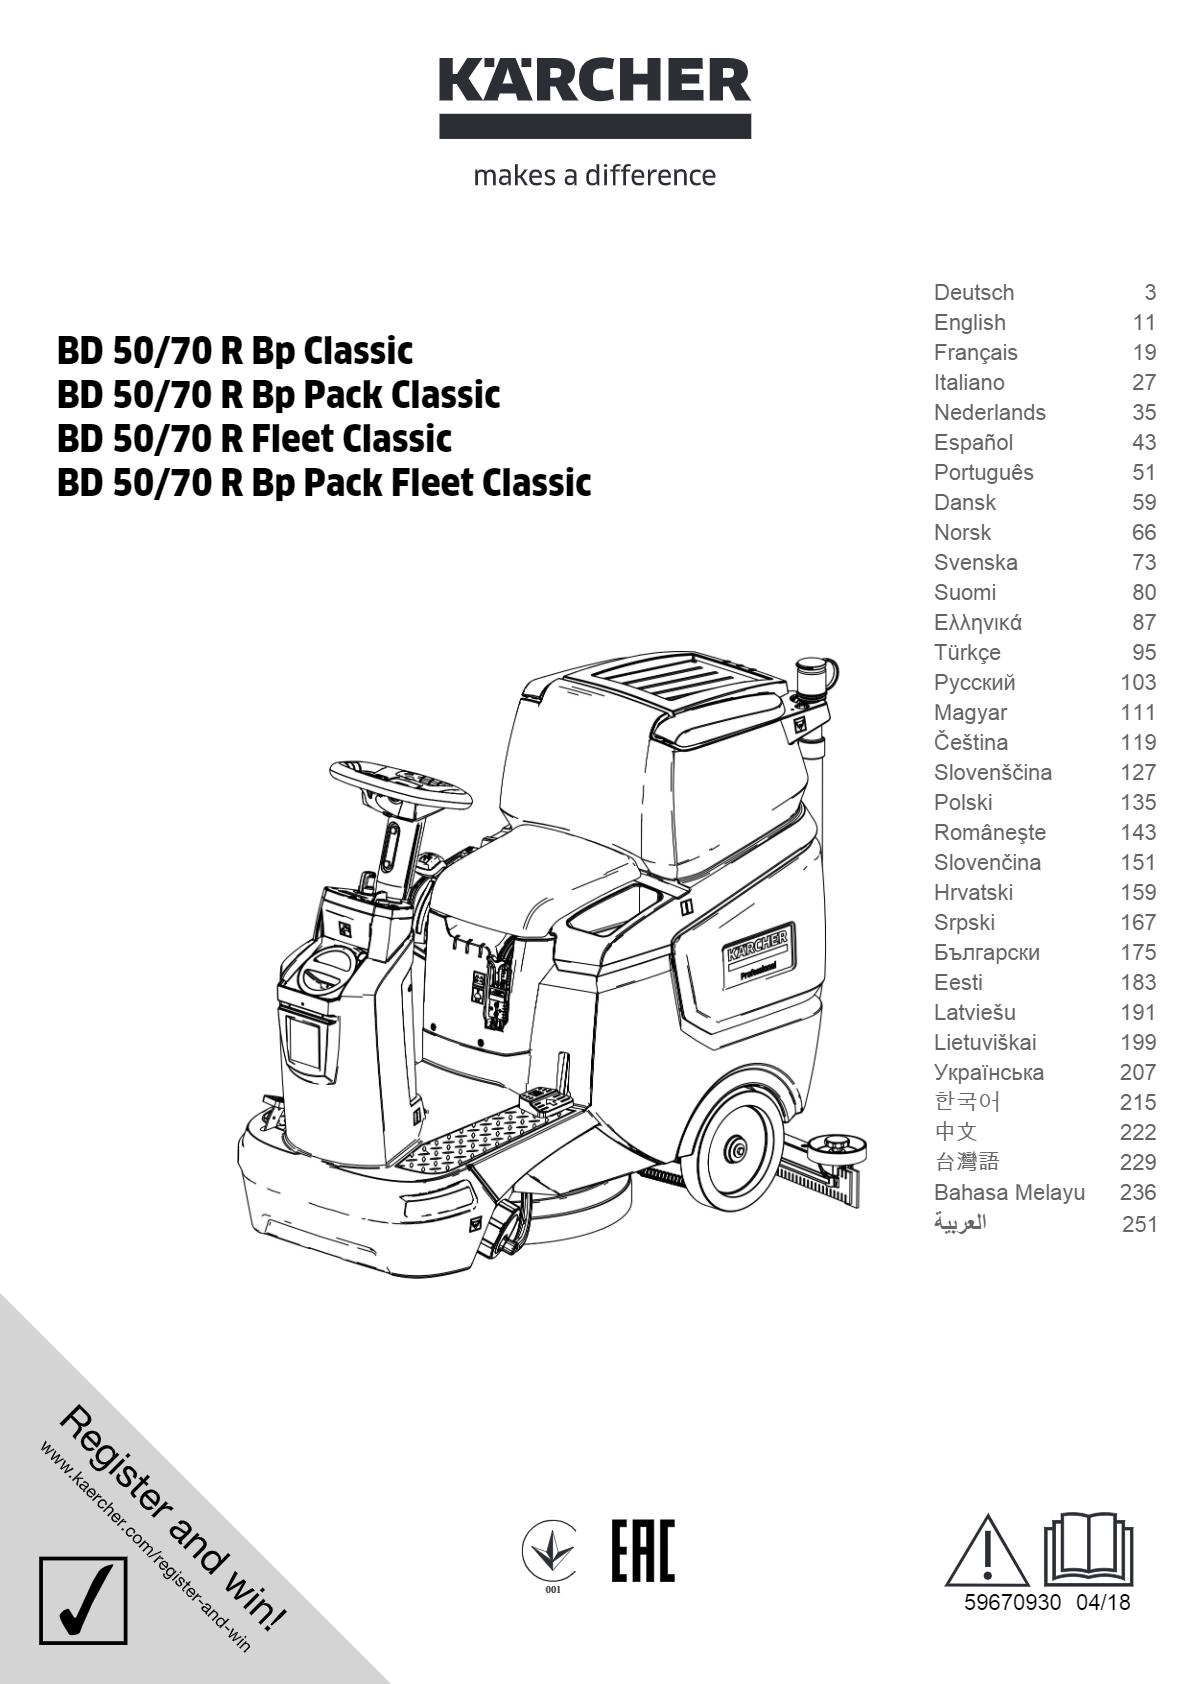 洗地吸干机 BD50/70说明书下载